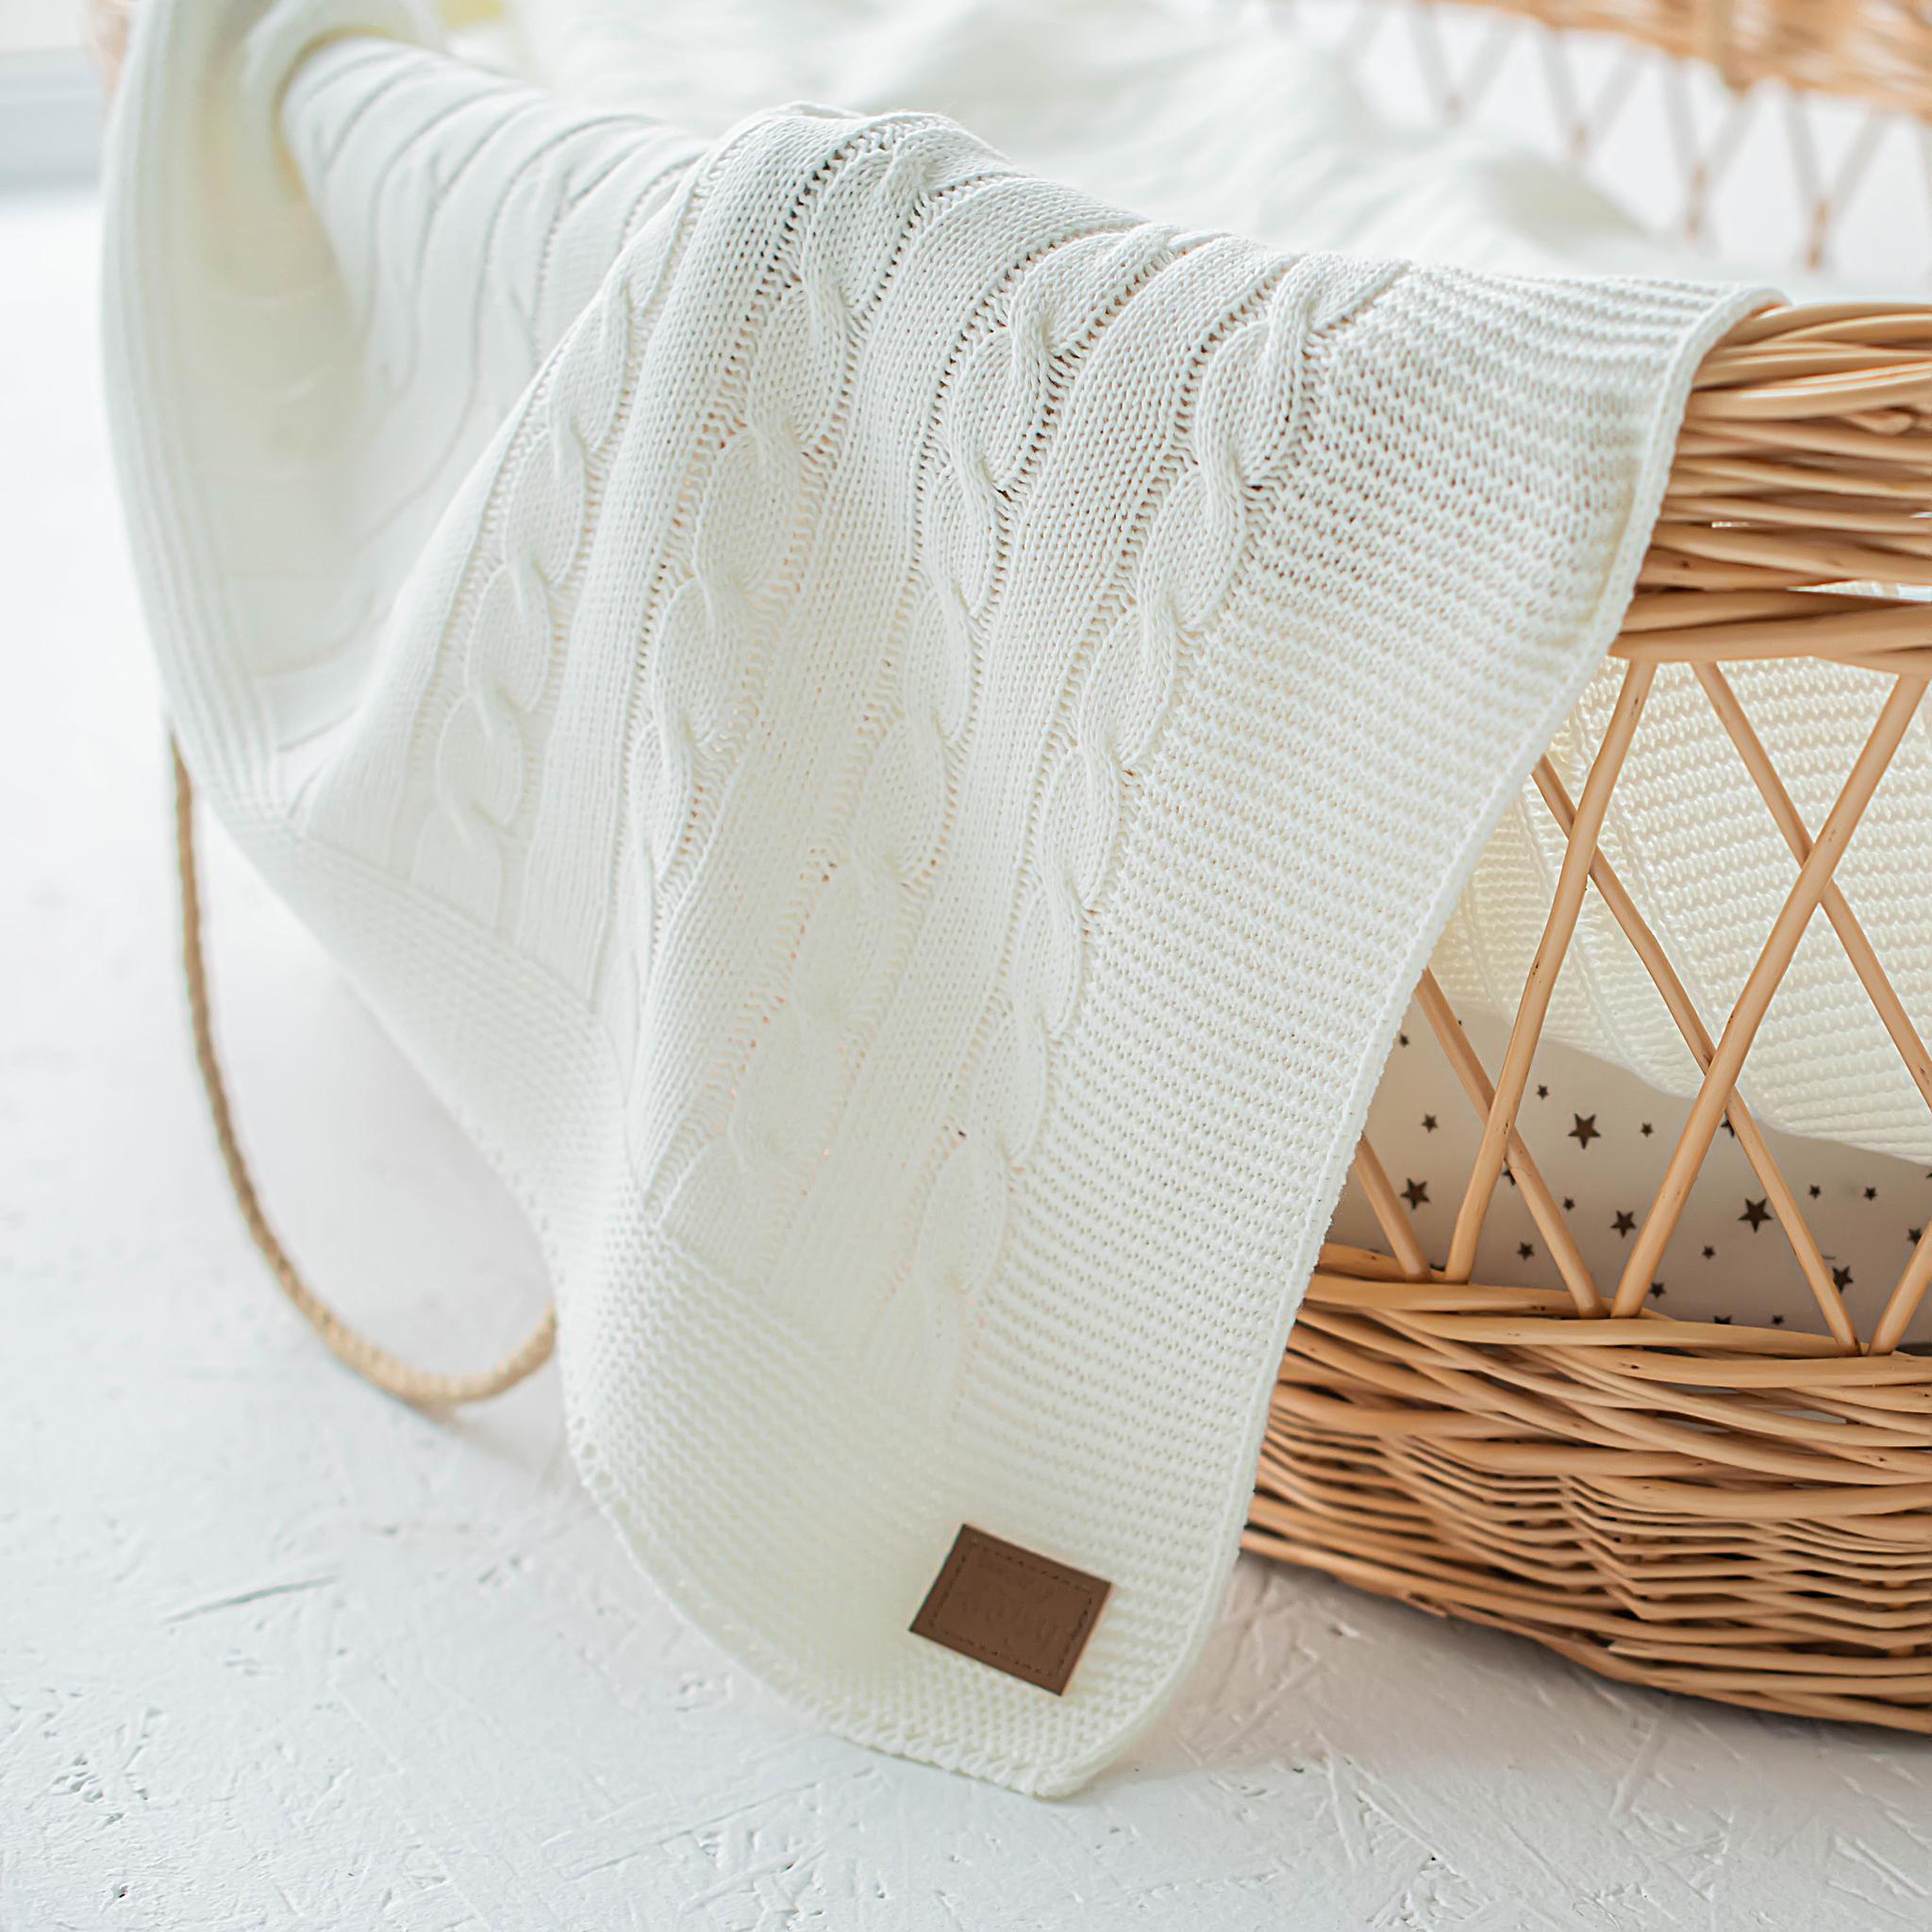 Knitted merino wool blanket - Cream